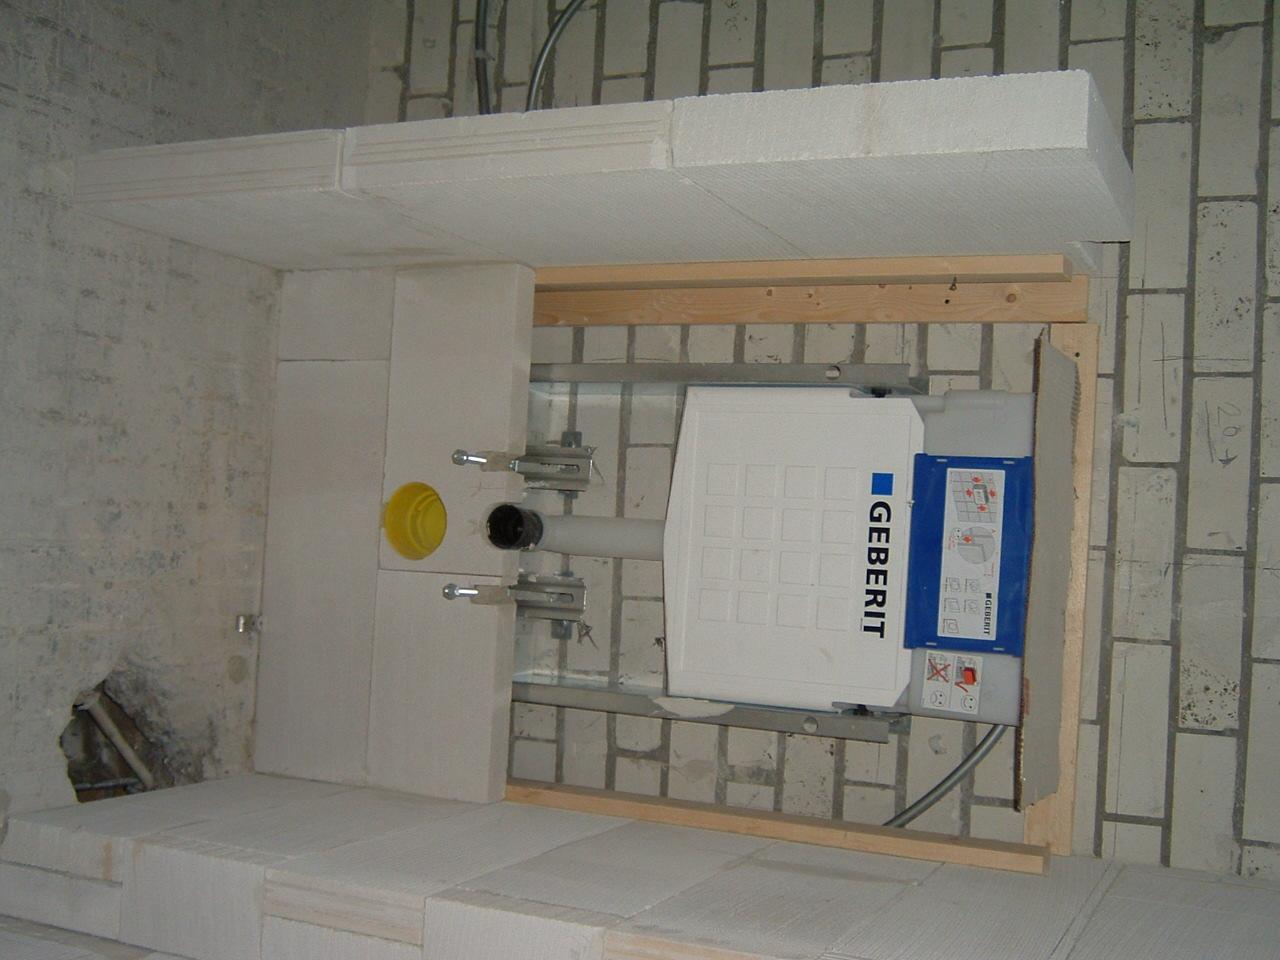 Achterwand Hangend Toilet : Toilet ombouw u naambordje voordeur messing